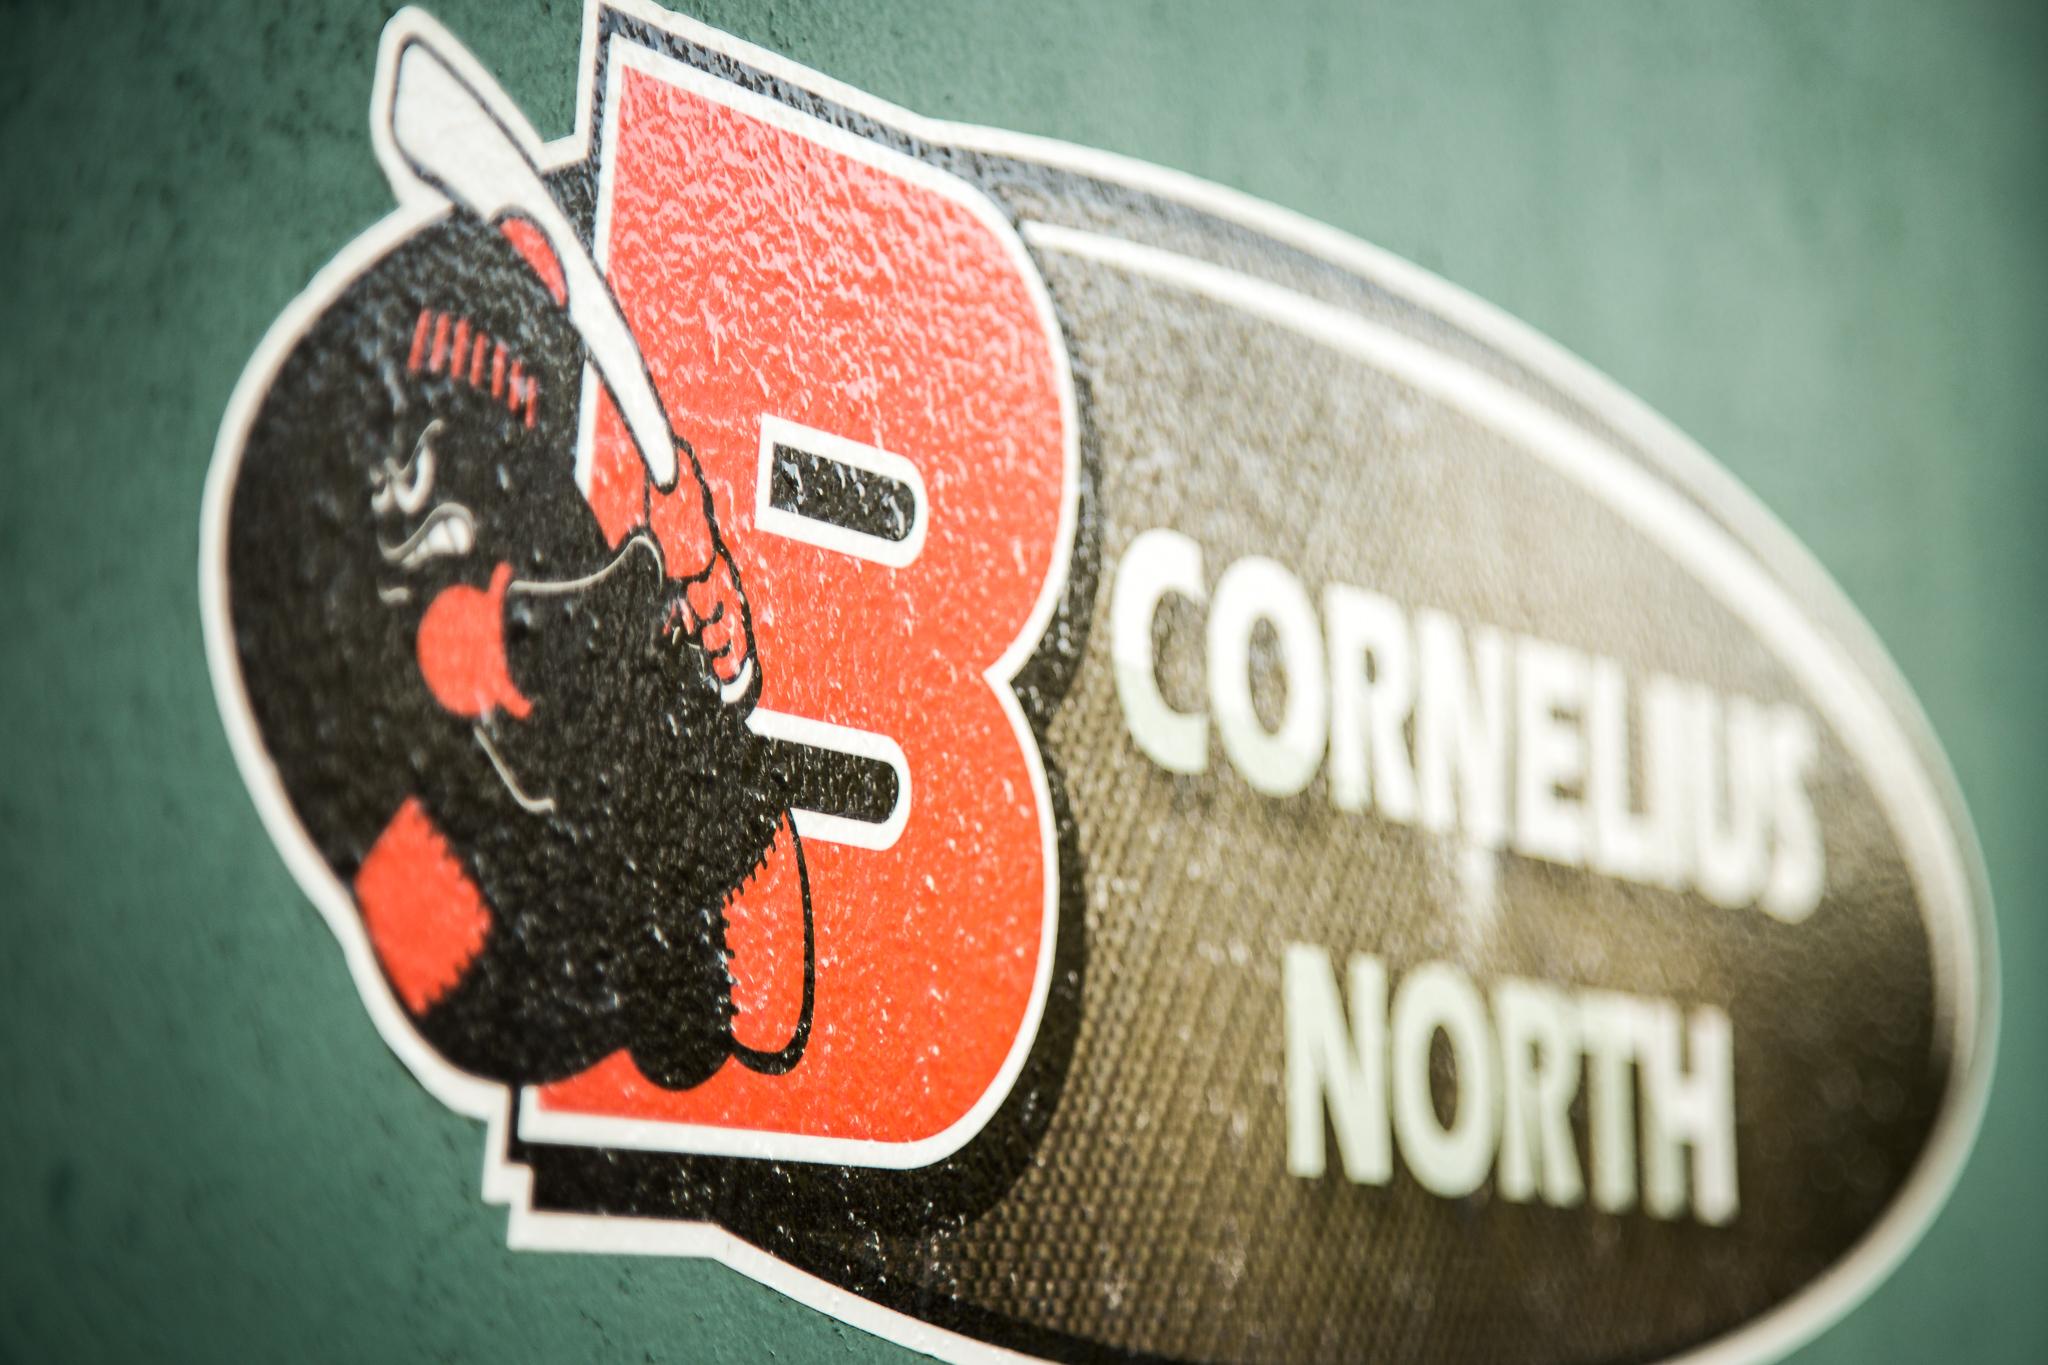 Cornelius Center